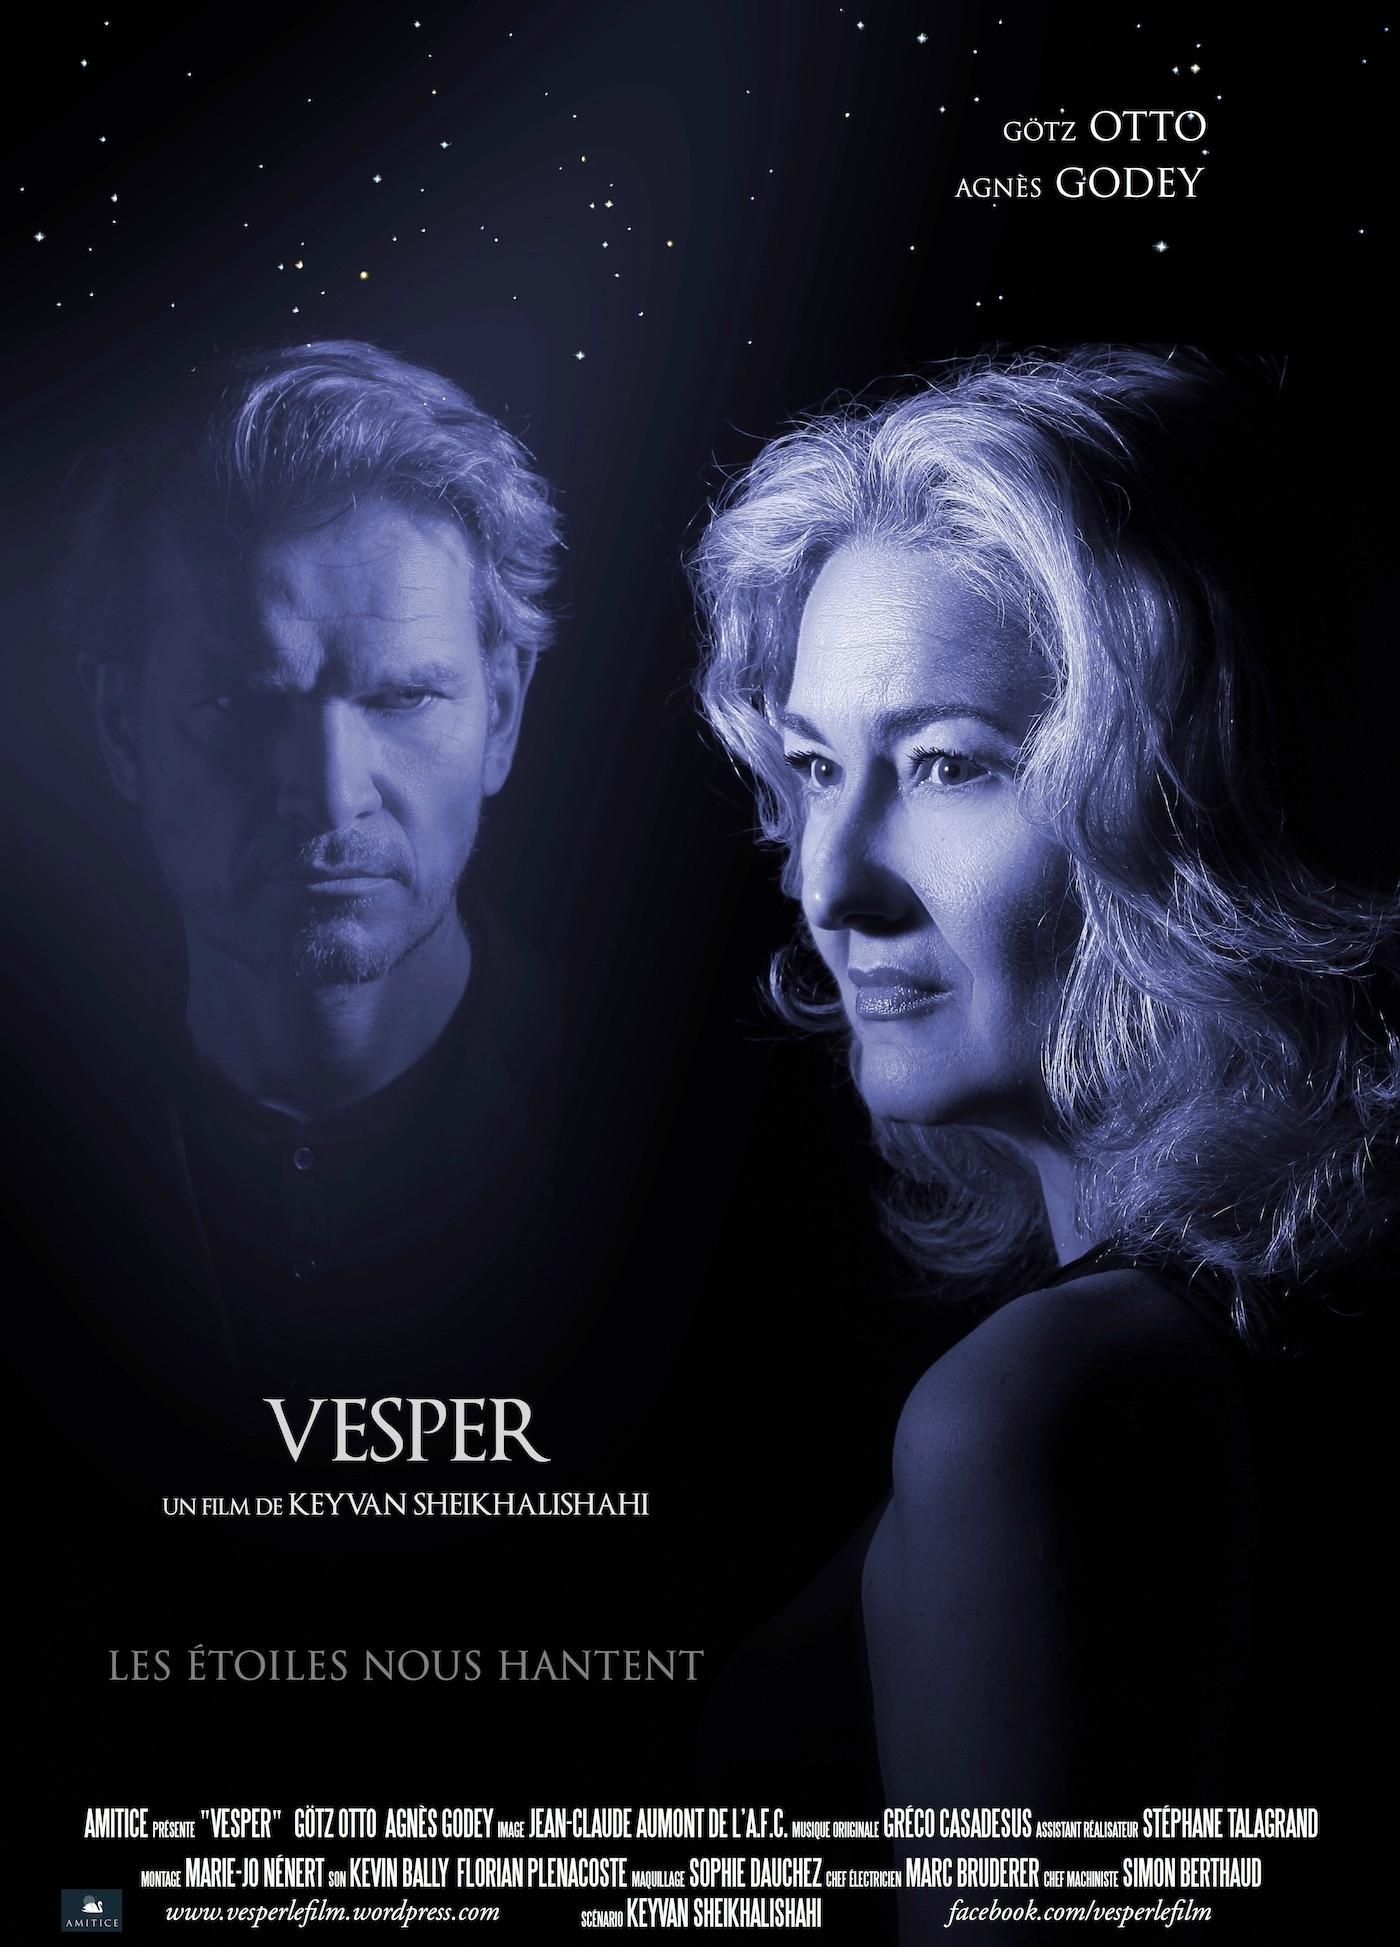 VESPER, premier court-métrage de Keyvan Sheikhalishahi et déjà du talent.